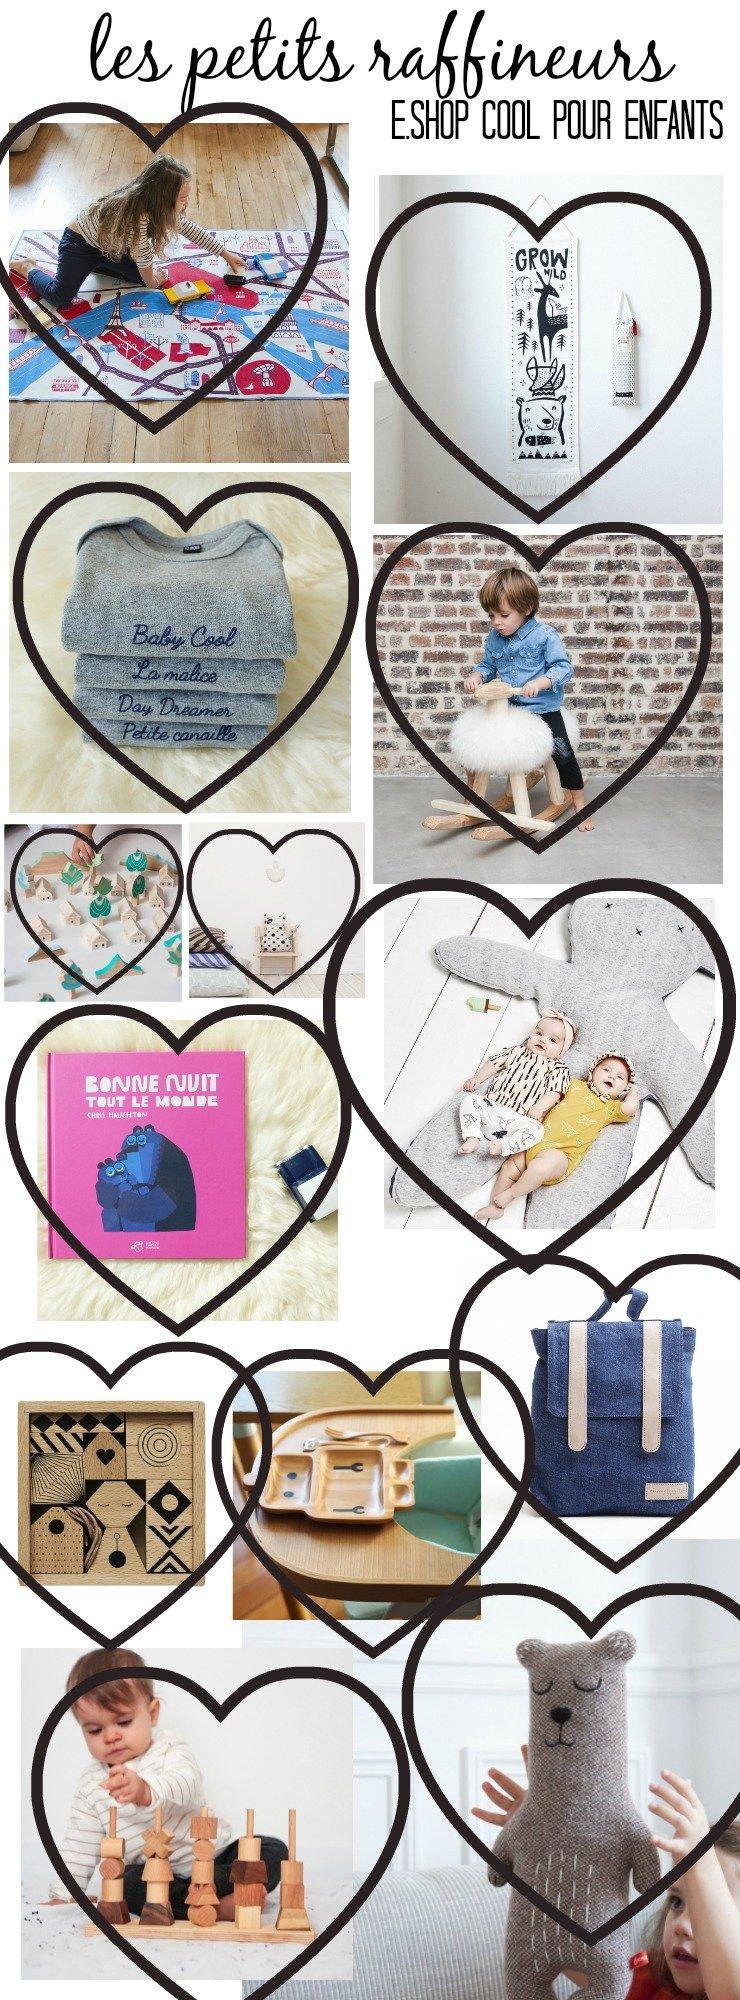 les petits raffineurs - idées cadeaux pour enfants cools